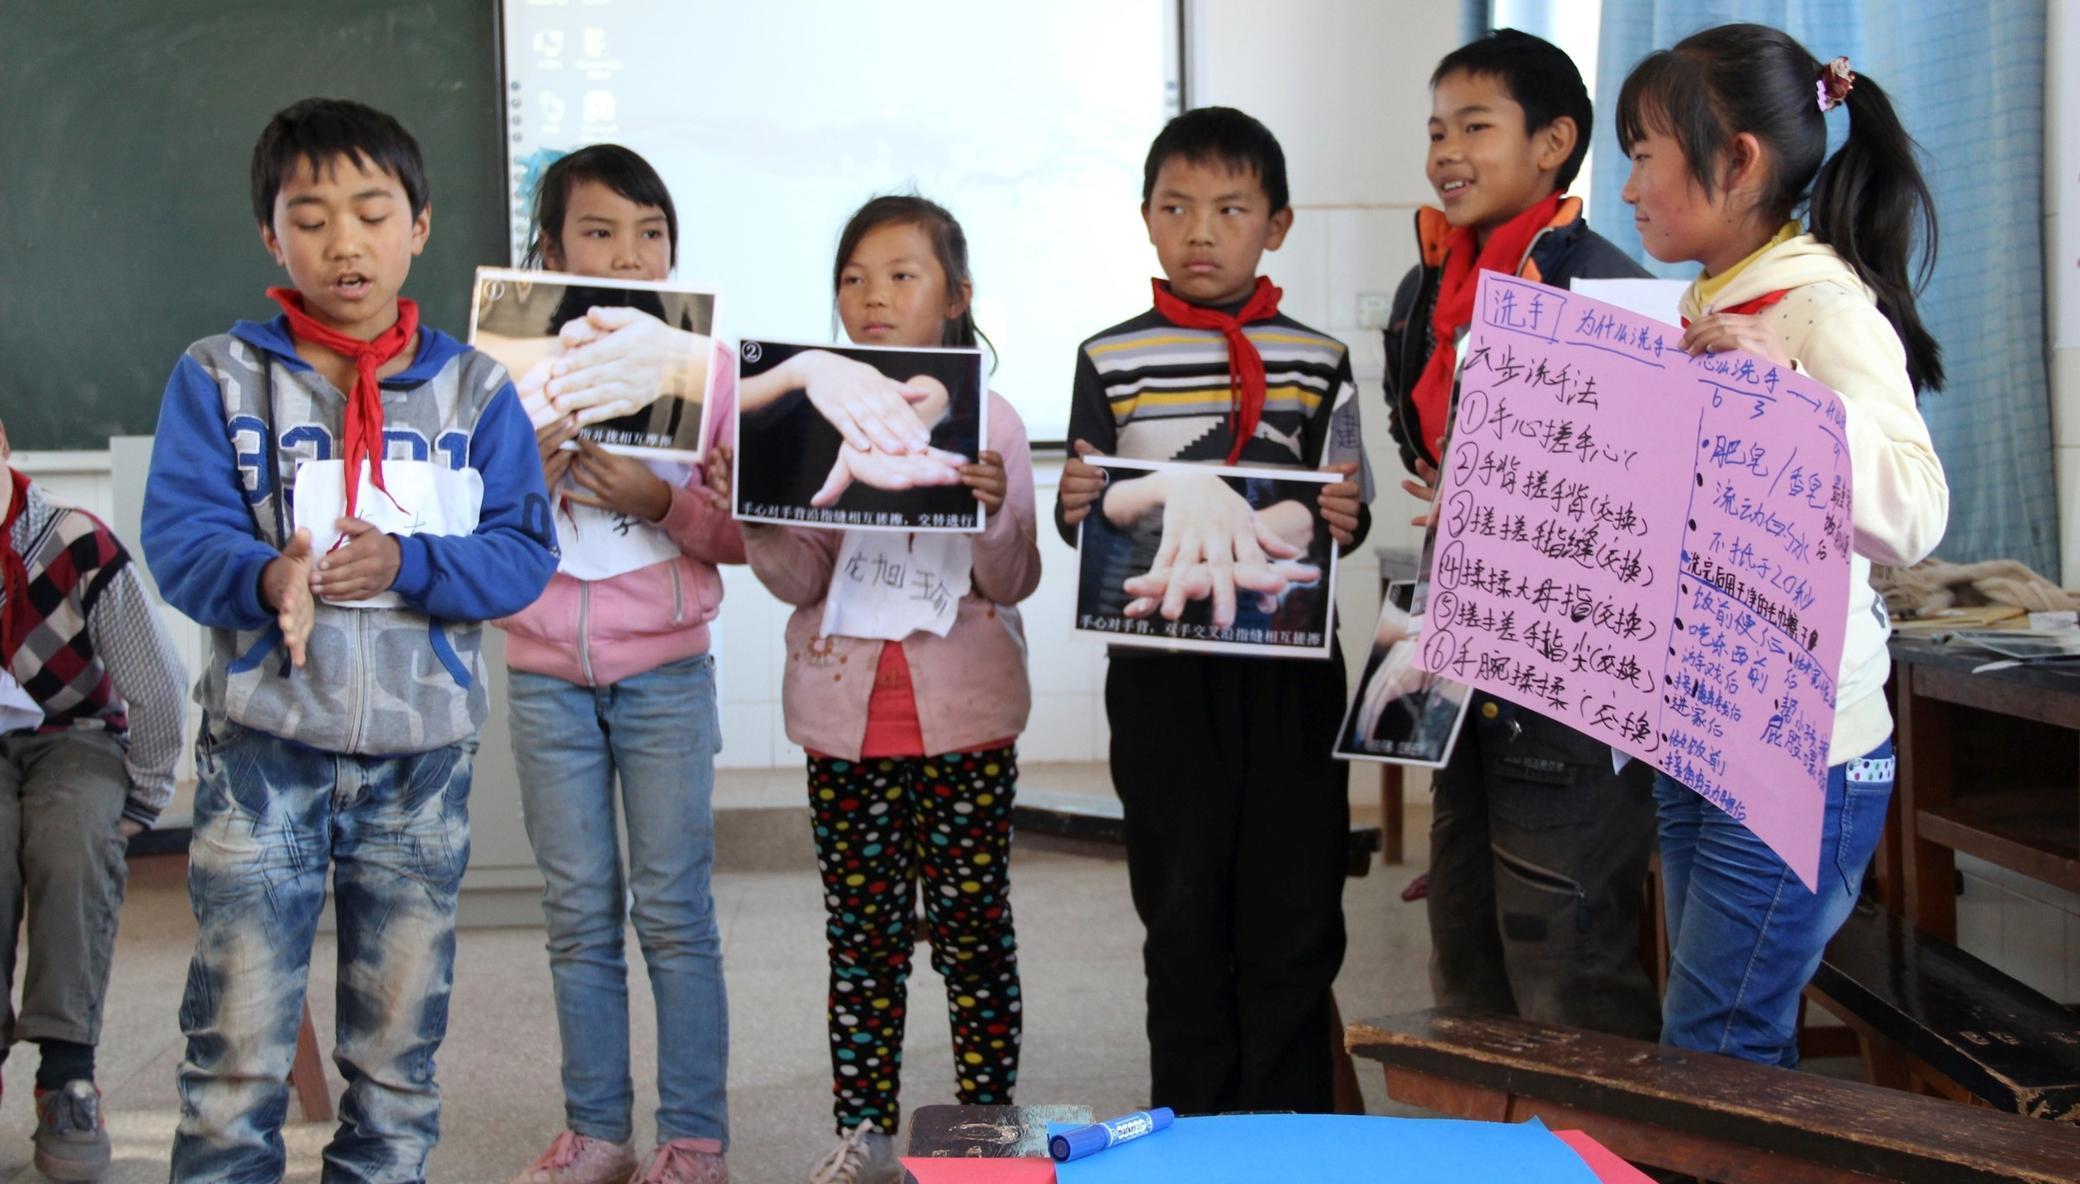 Empower Children to Spread Health in Rural China